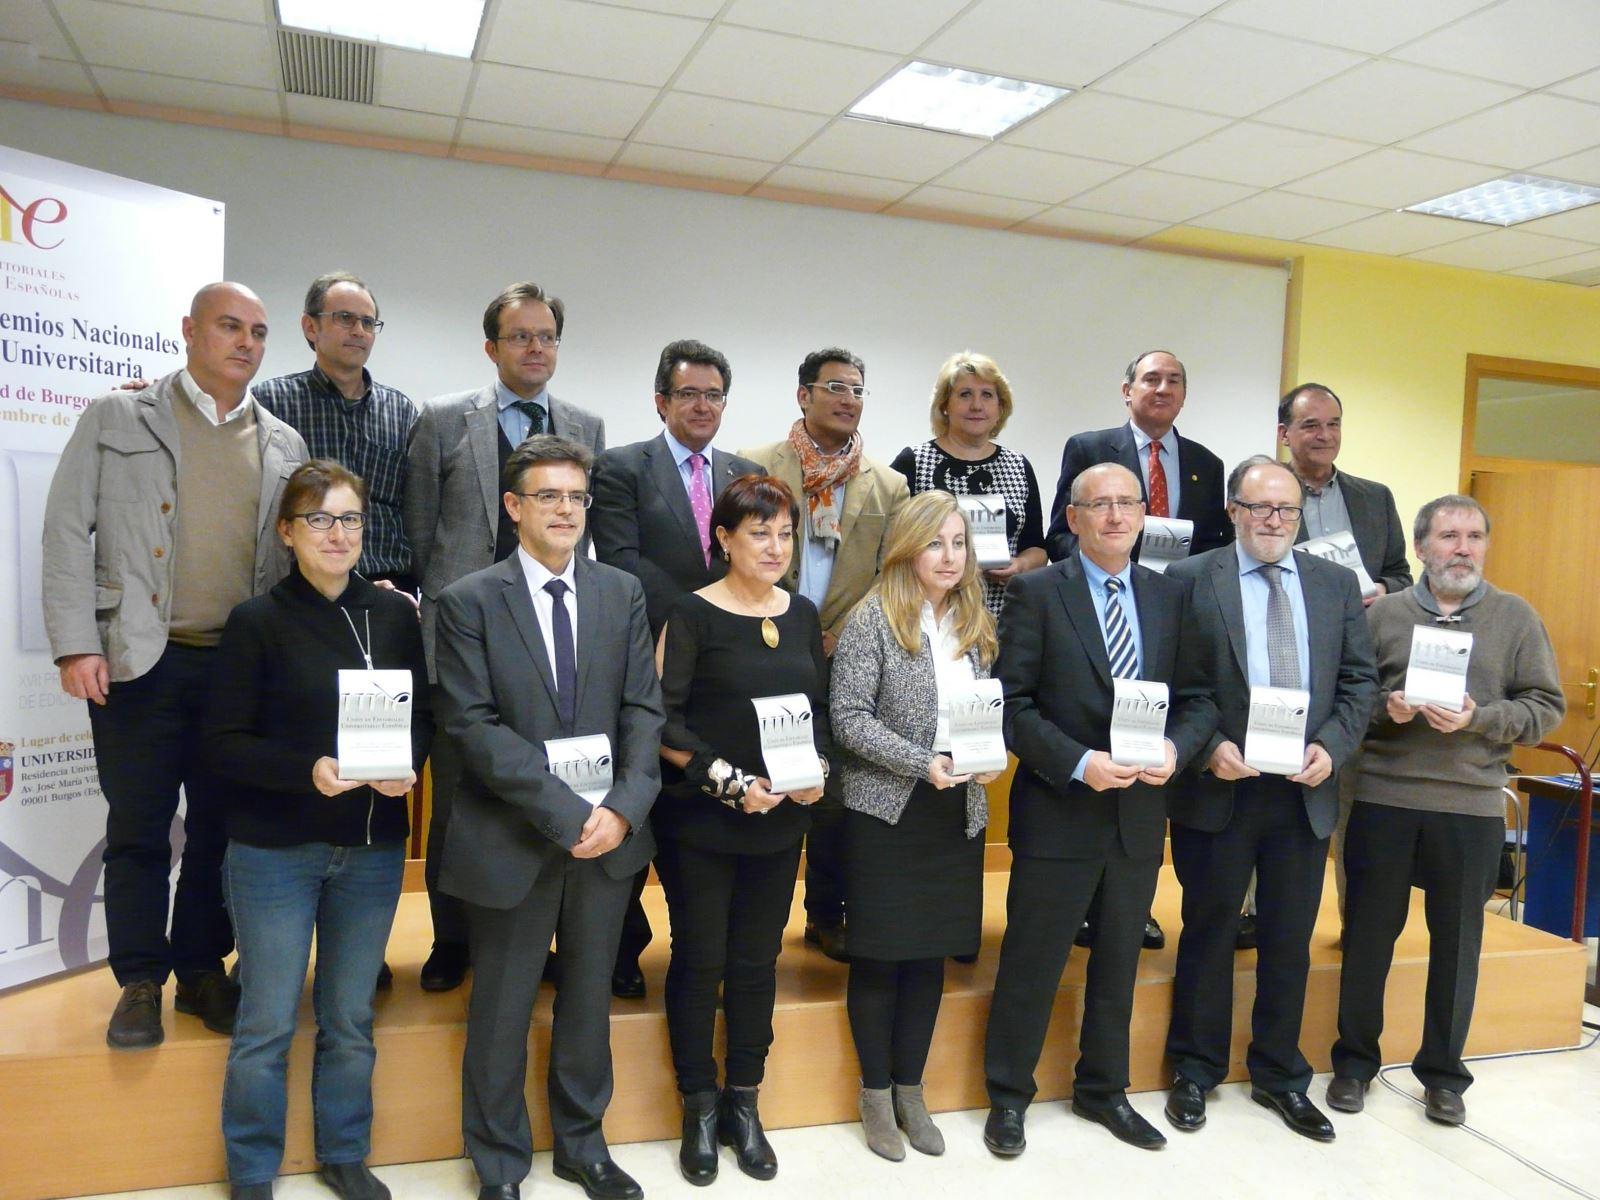 Premios Nacionales de Edición Universitaria 2014 / Rosa de Bustos